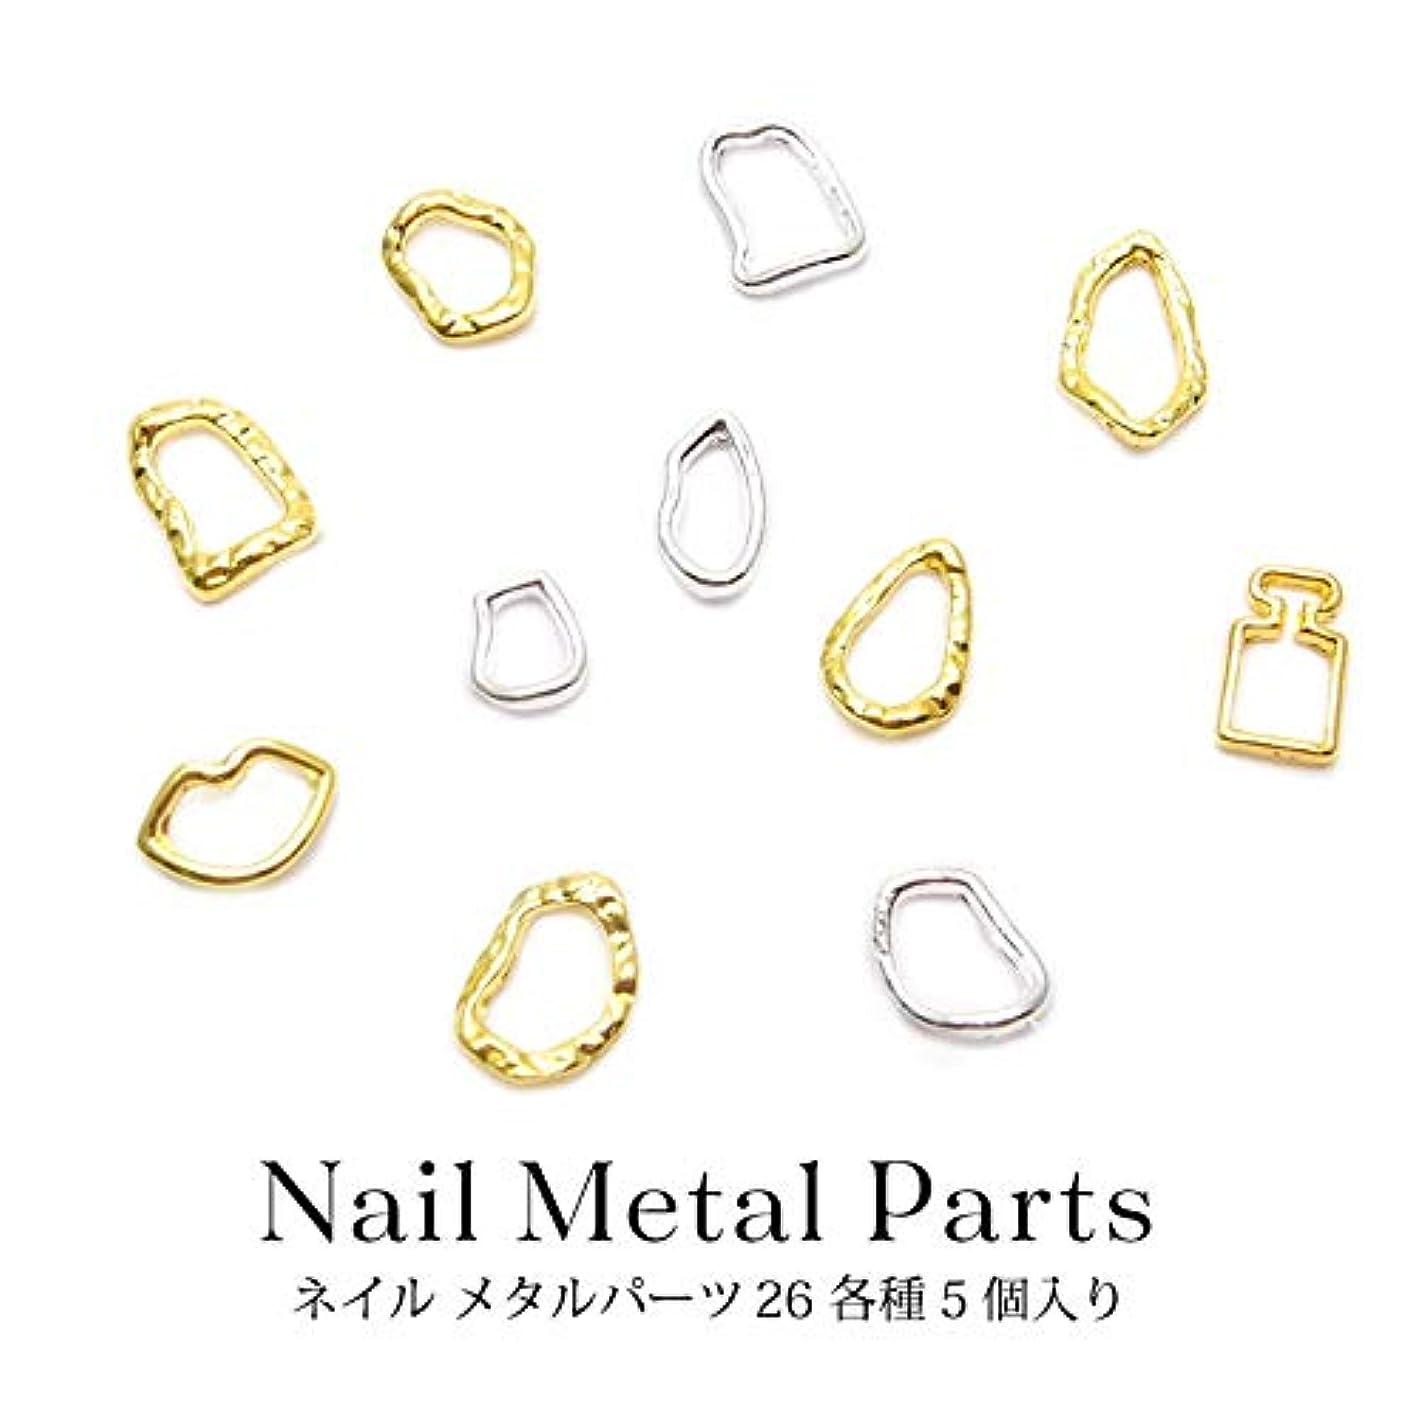 なにもっとパンツネイル メタルパーツ 26 各種 5個入り (ゴールド, 5.変形 デザイン オーバル)